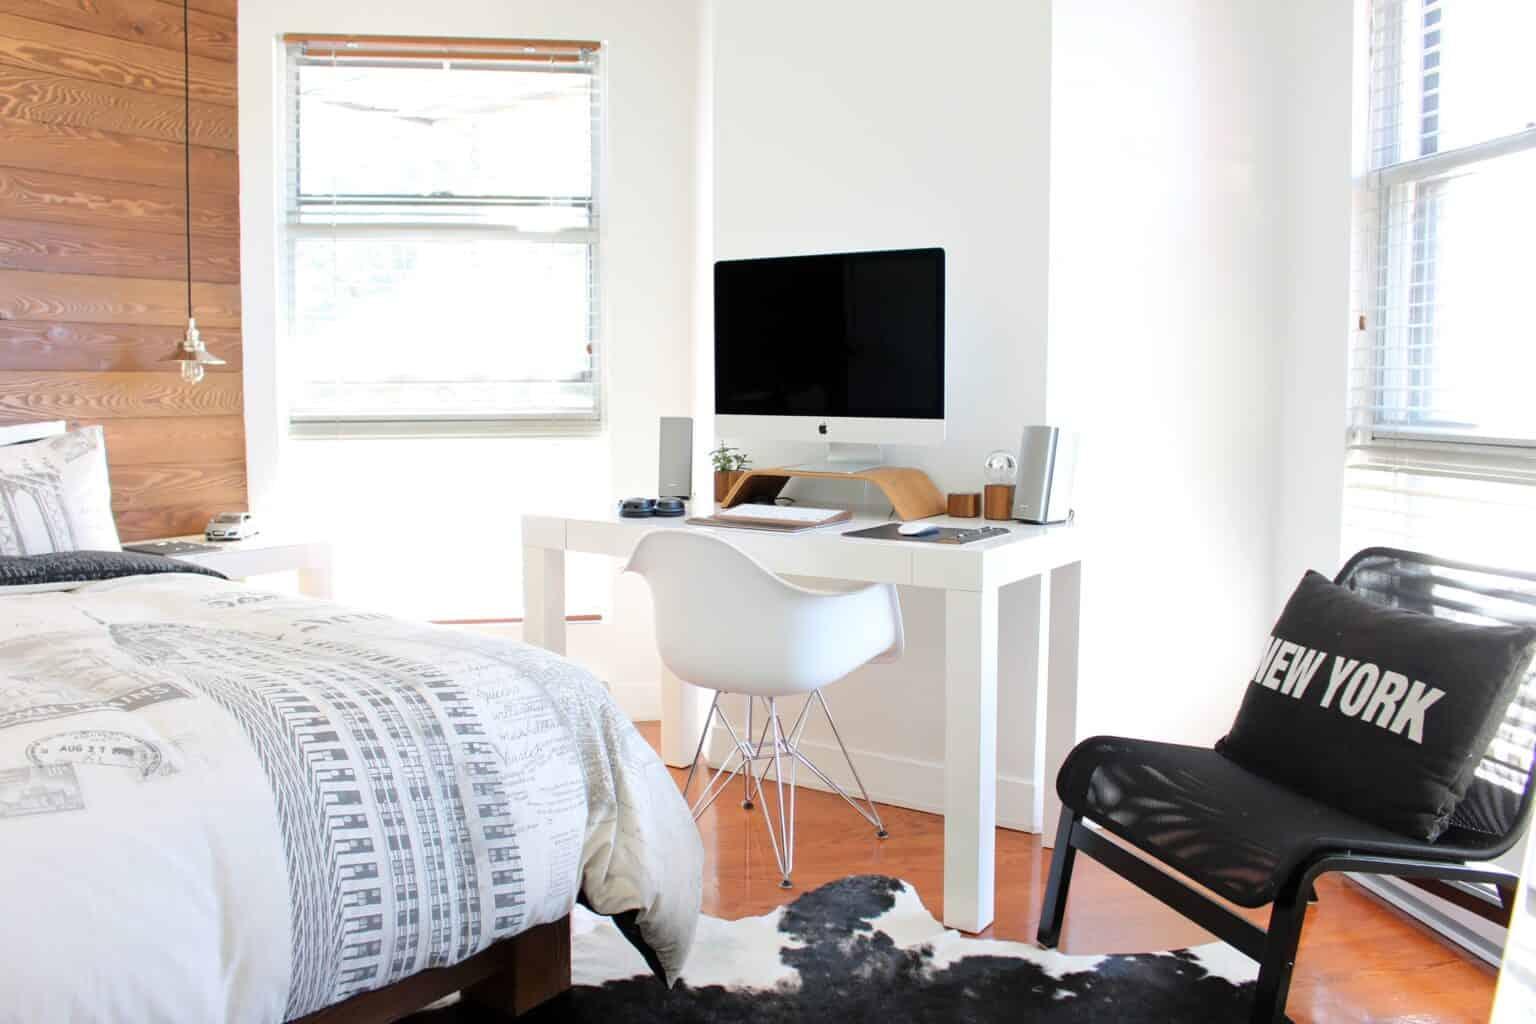 Mały pokój 6m2 z białym biurkiem